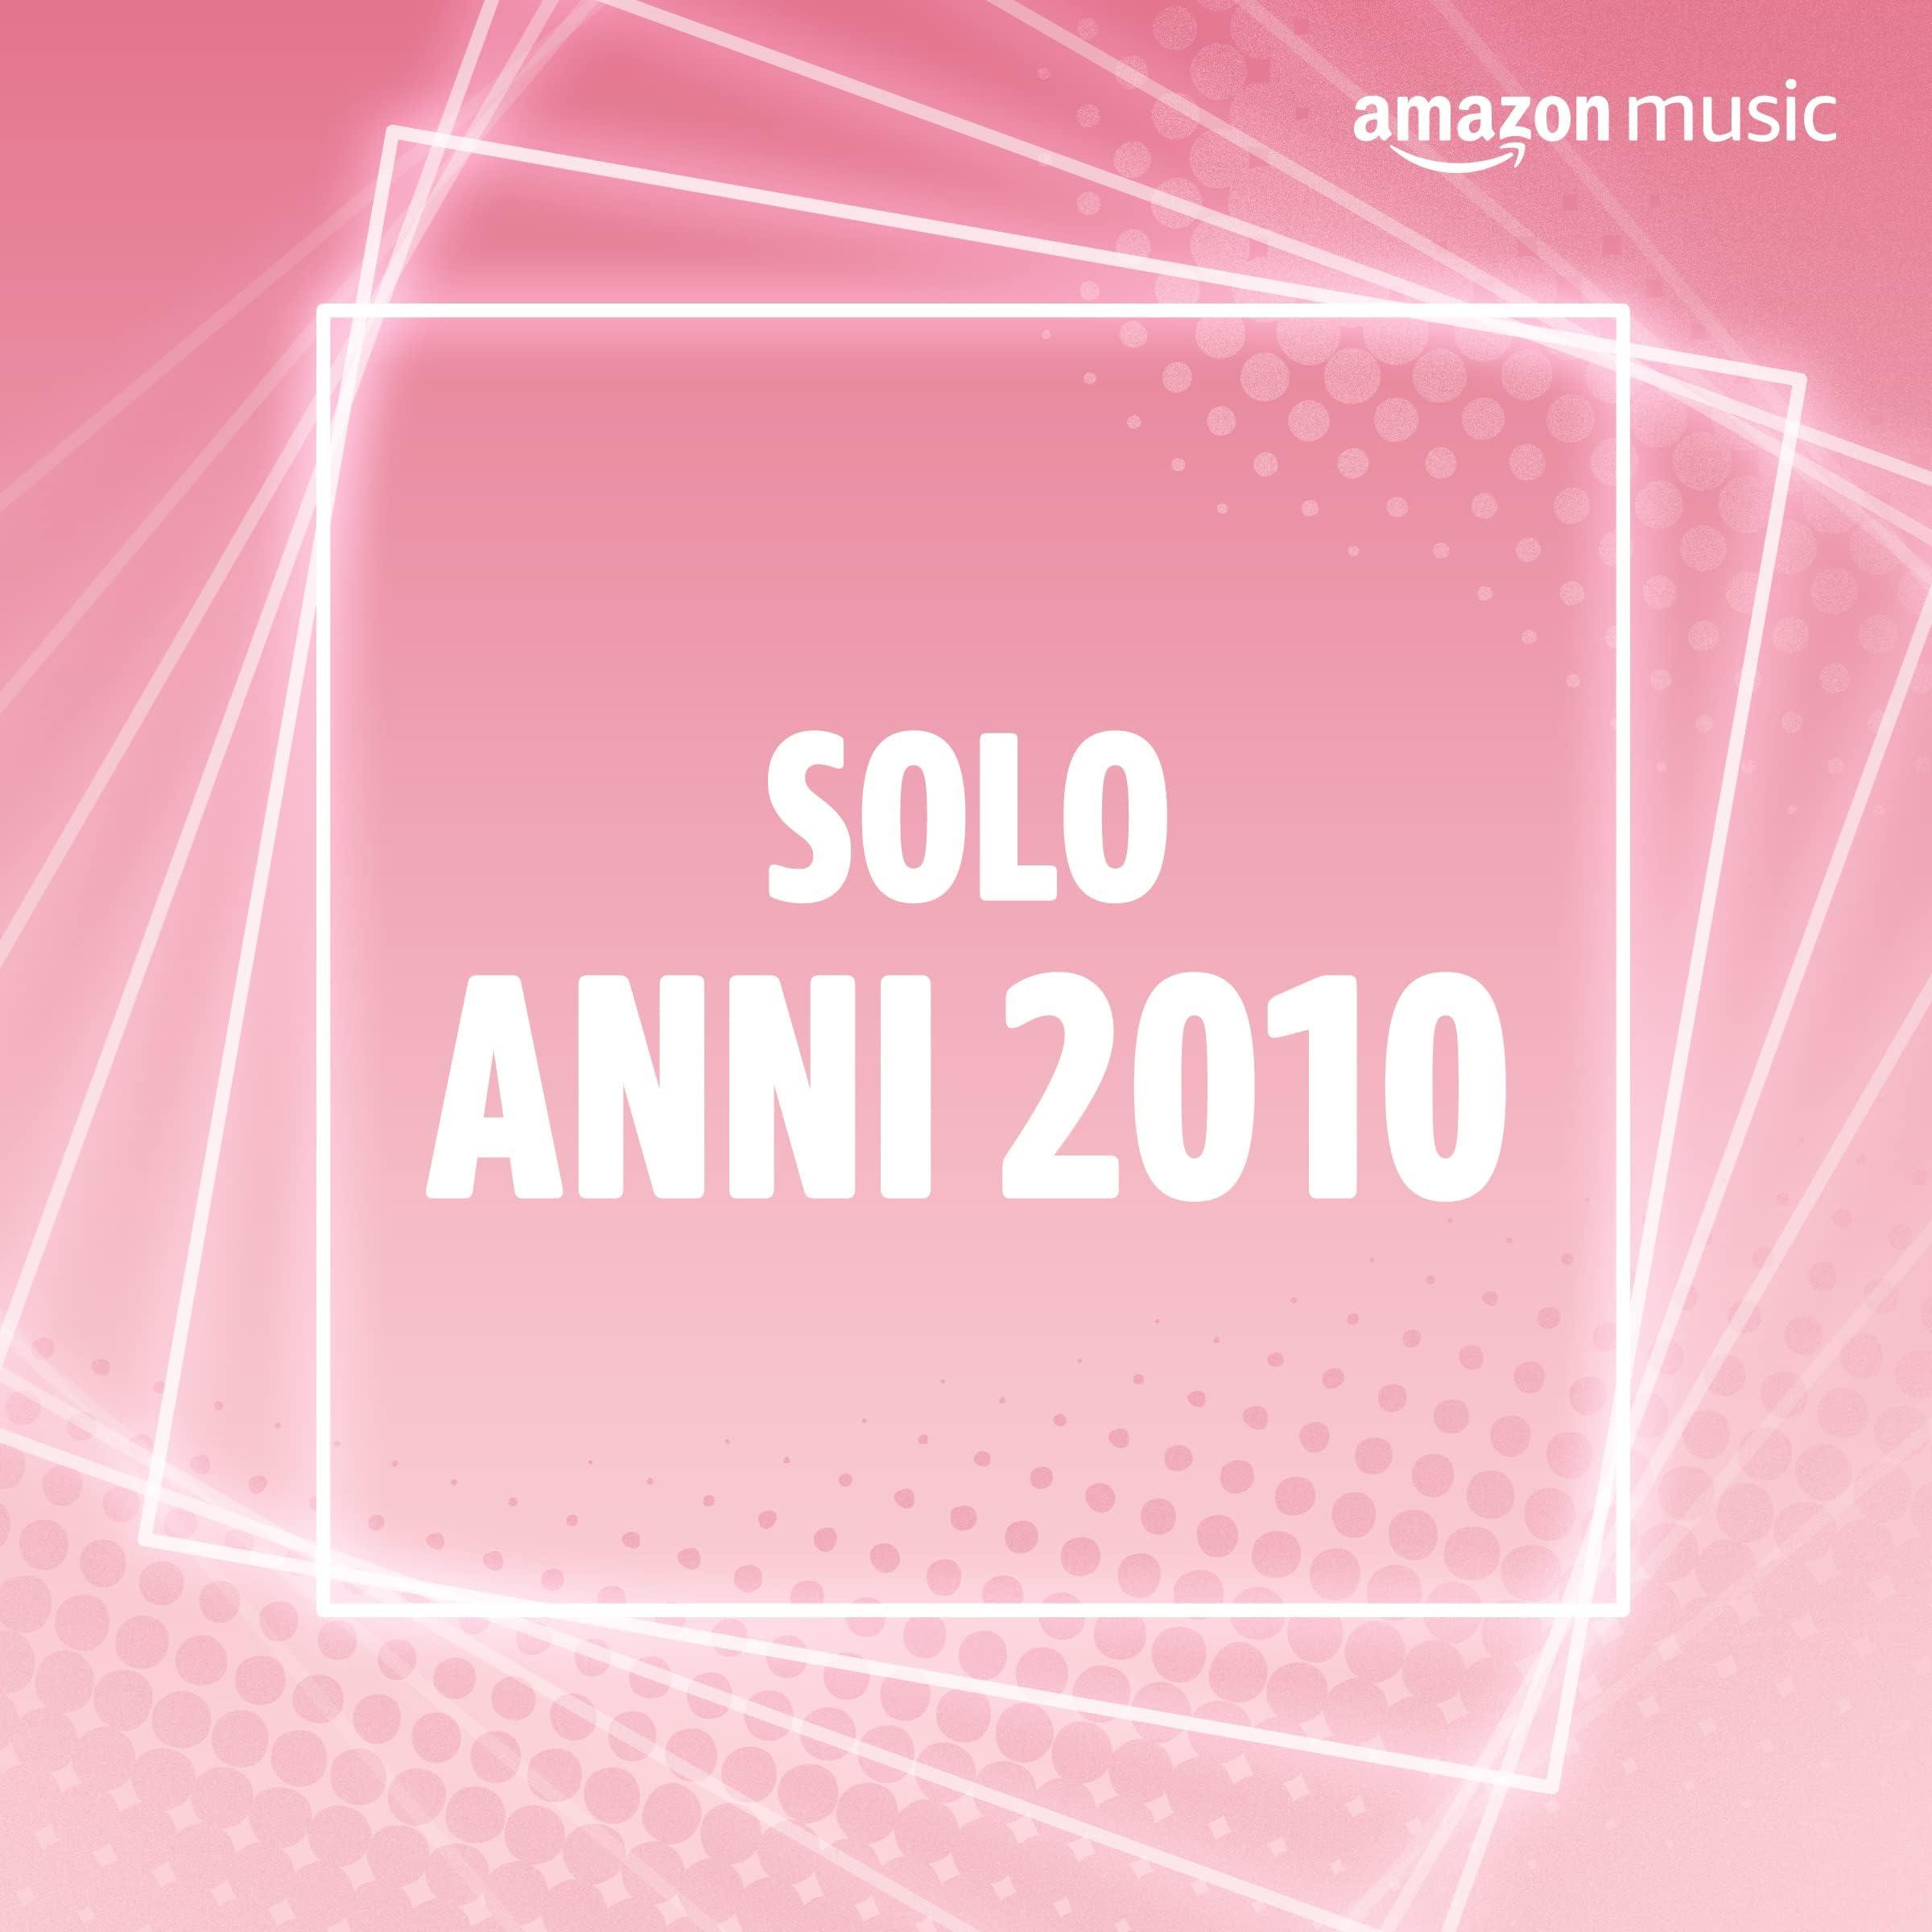 Solo anni 2010